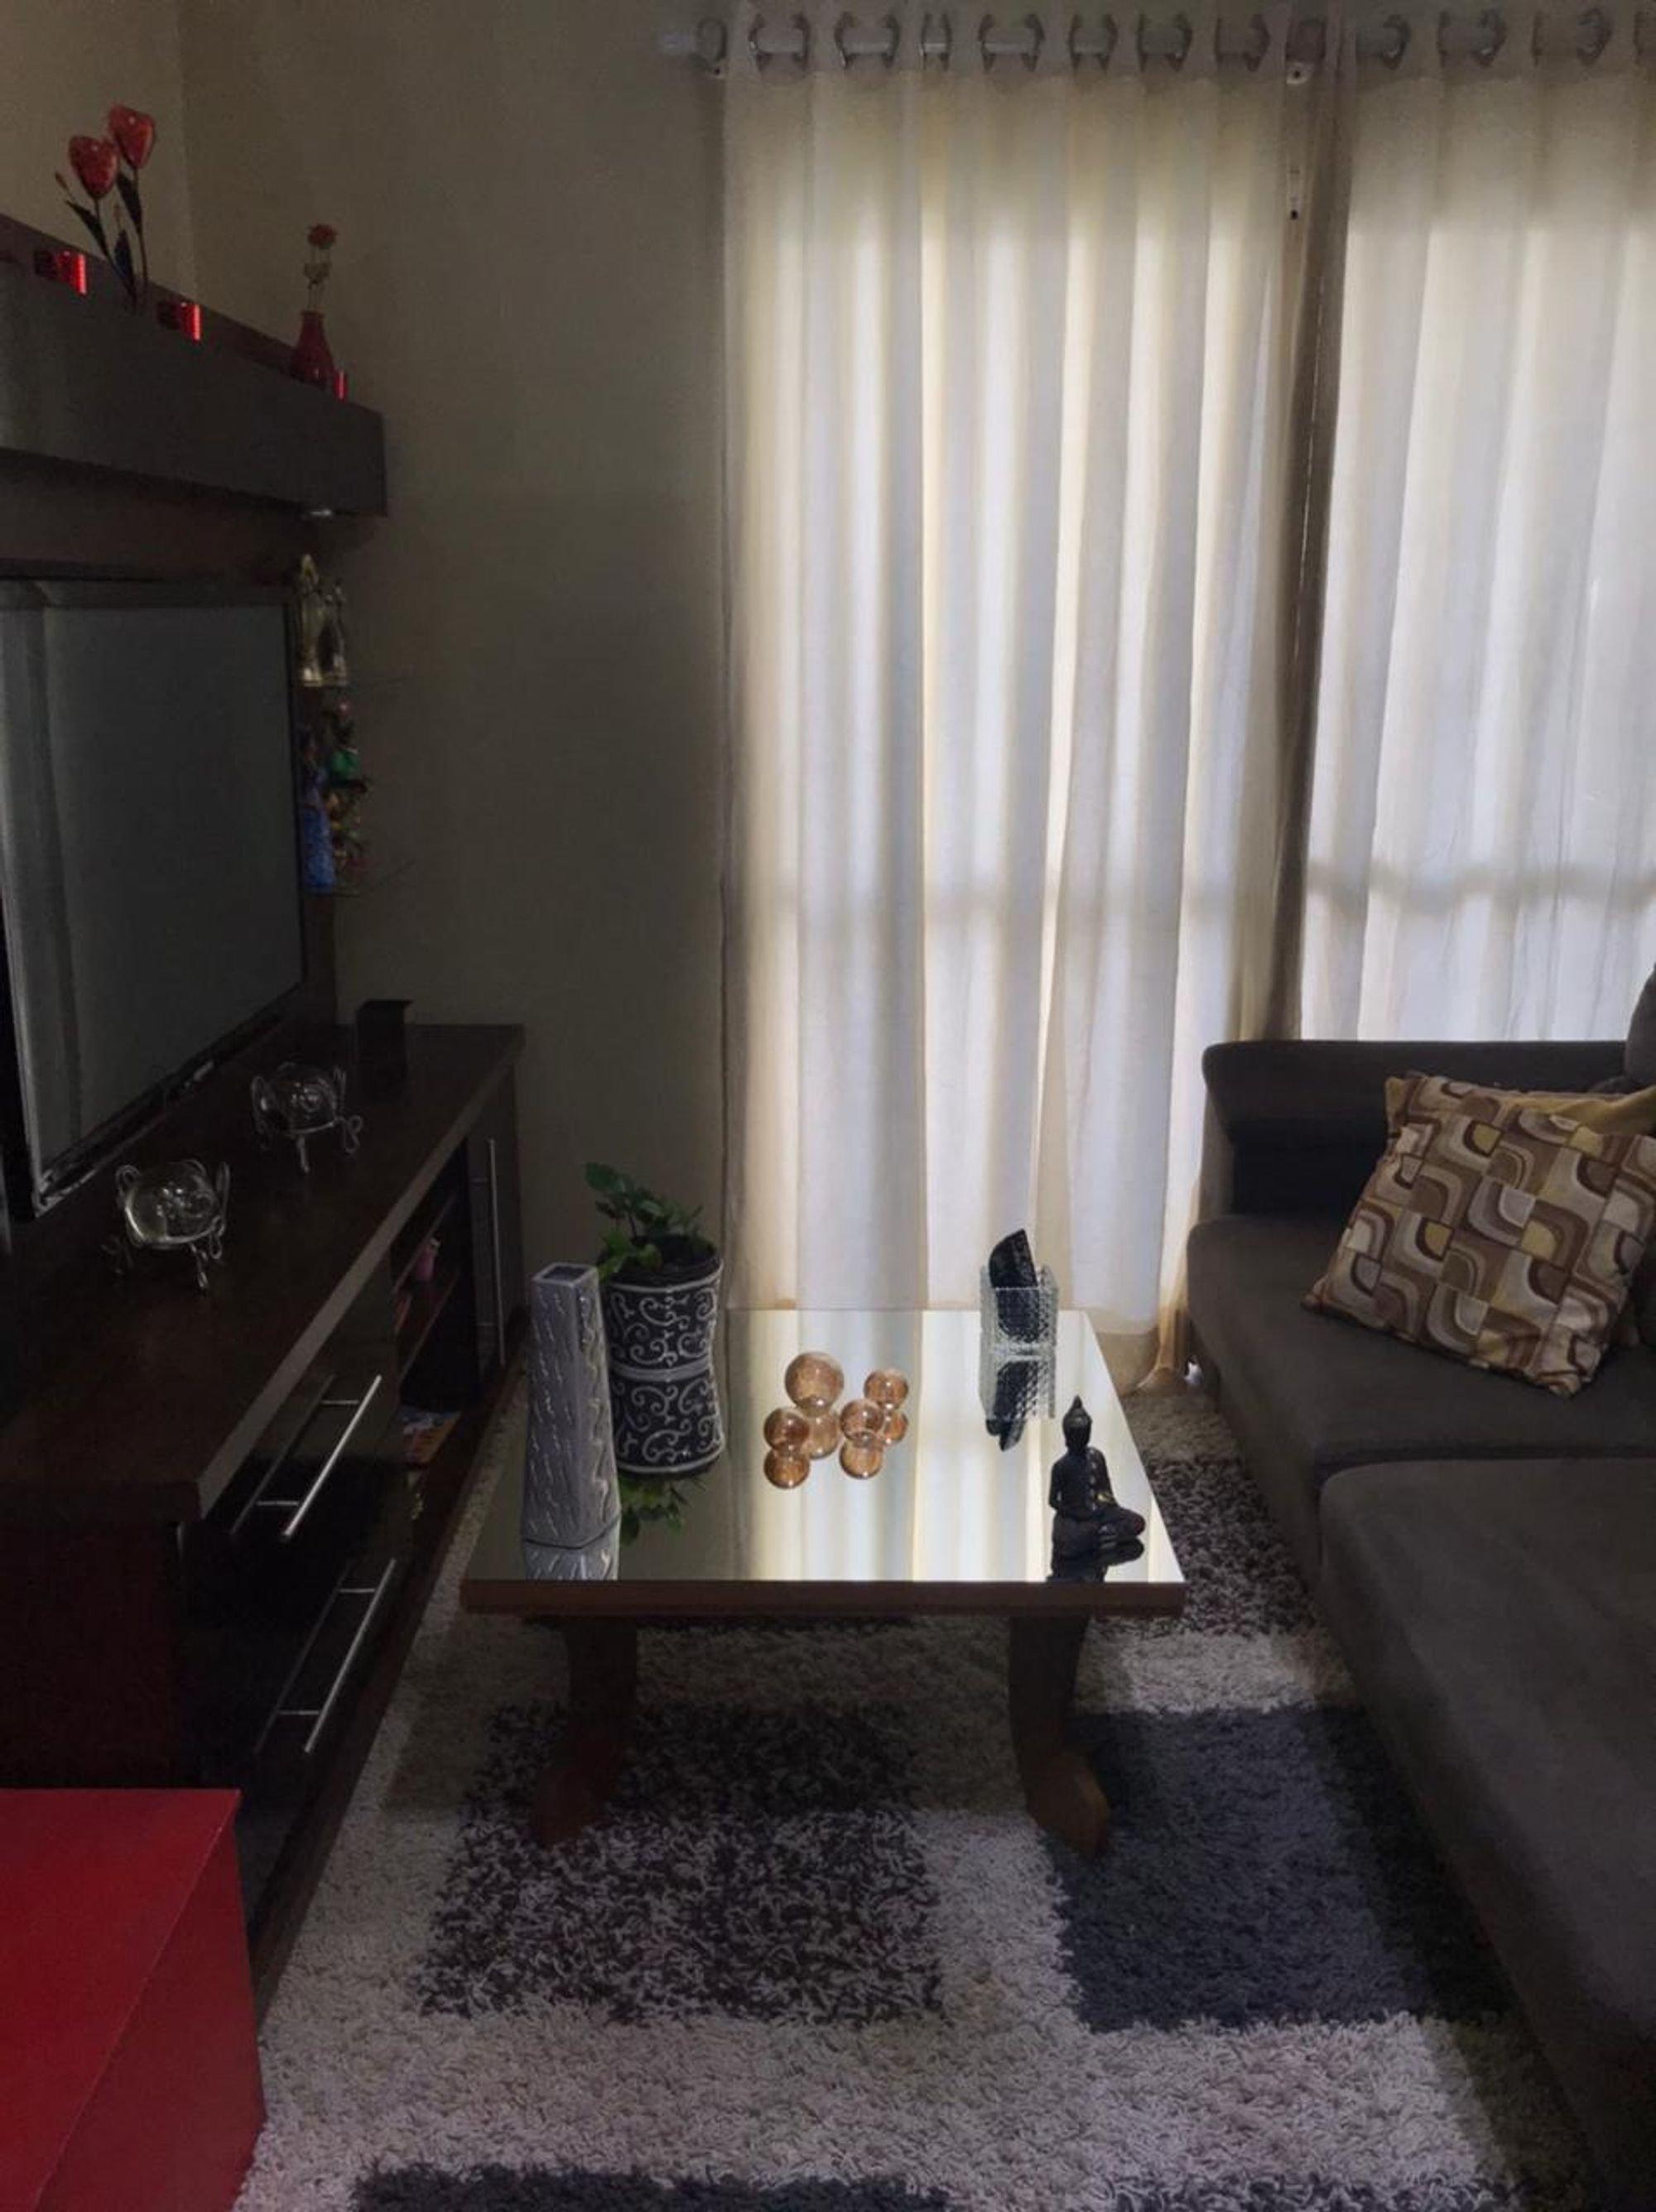 Foto de Sala com vaso de planta, sofá, televisão, vaso